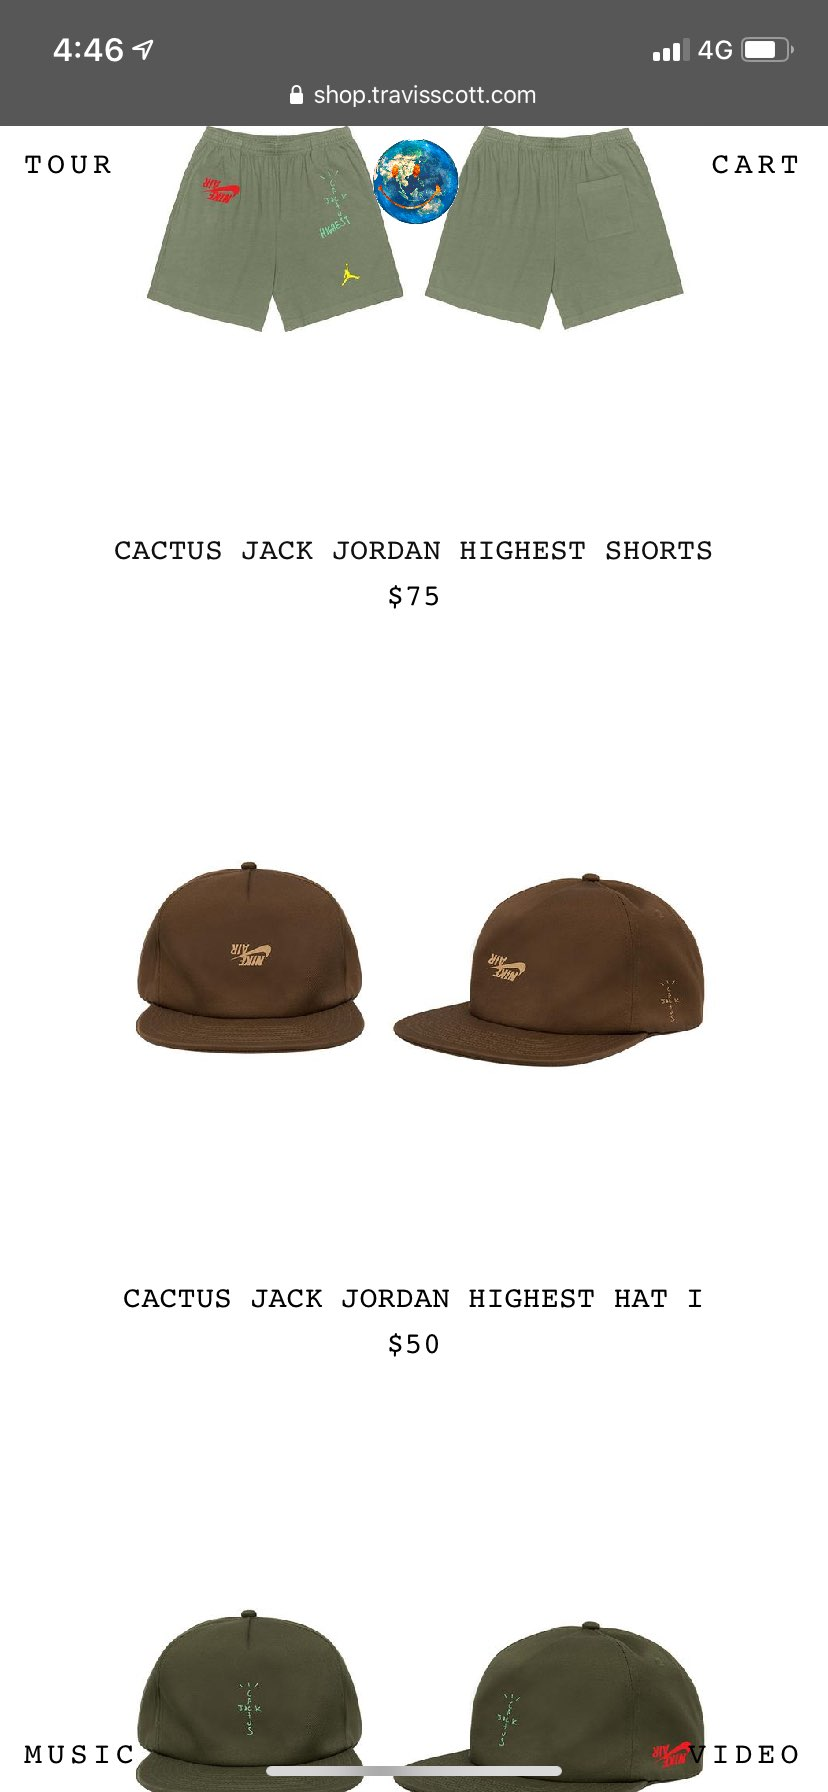 帽子購入〜!何気に海外の買い物初めてでした。関税どのくらいかかるんだろう…